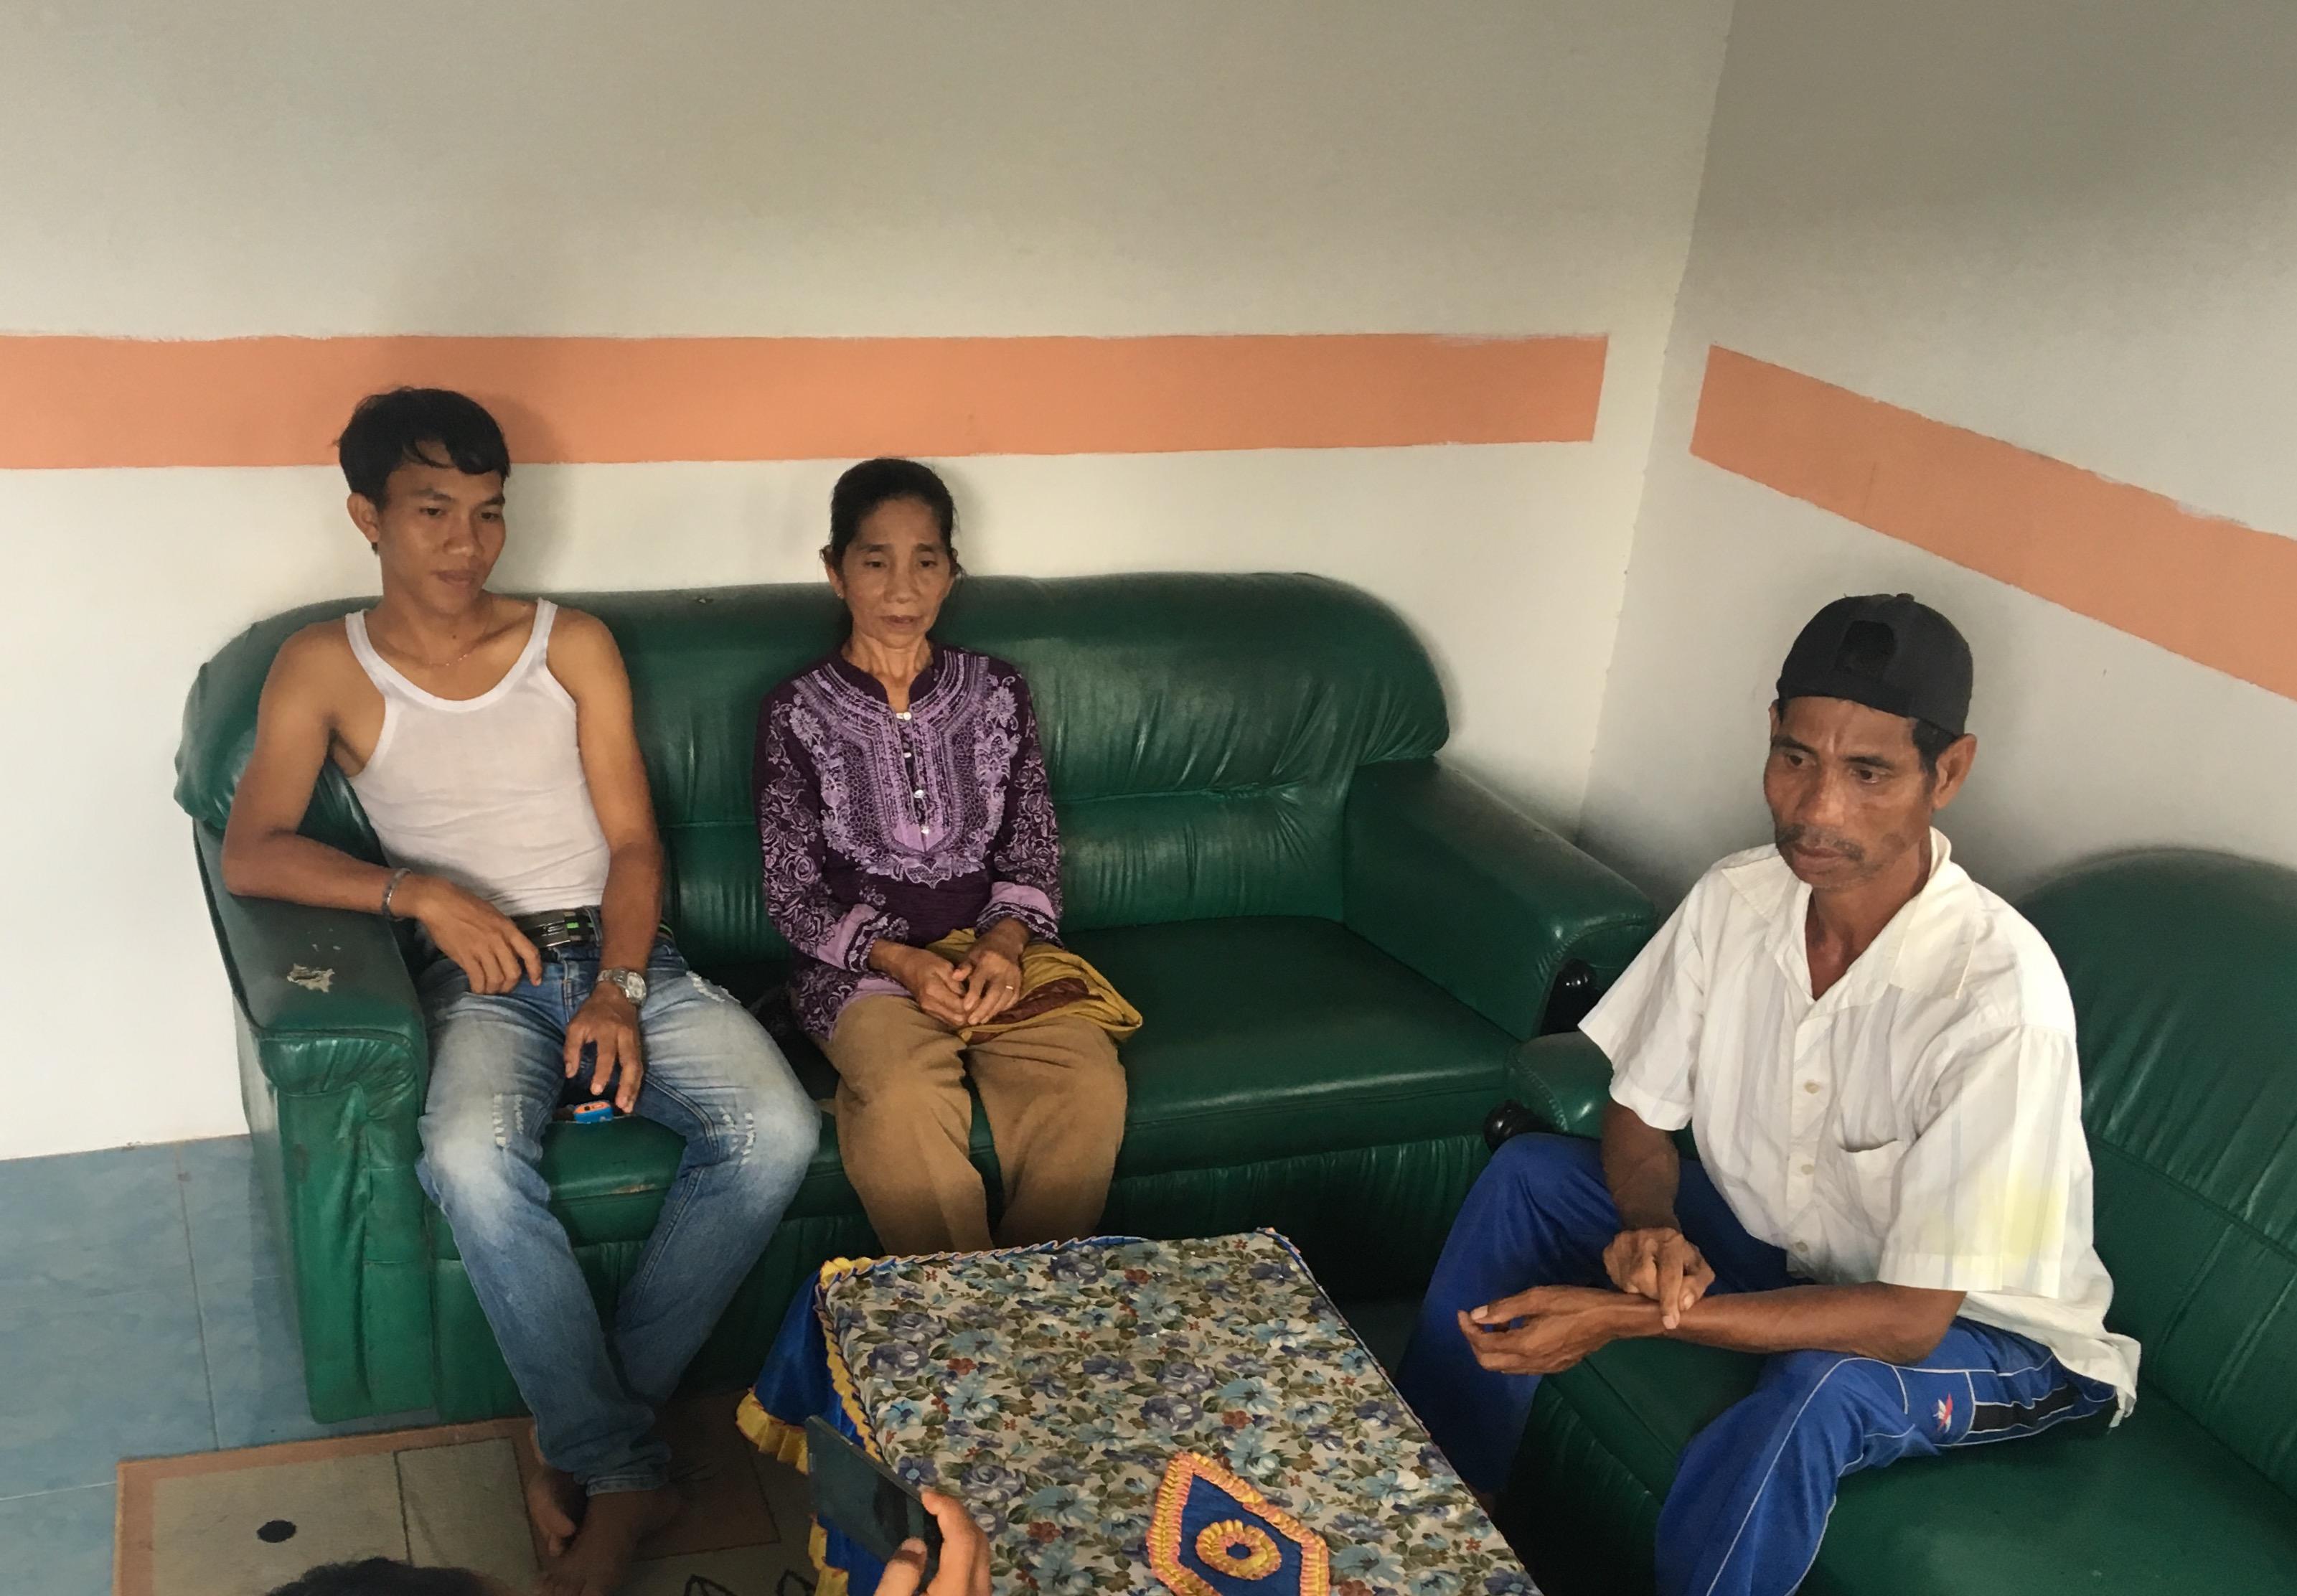 foto dania (baju ungu) saat ditemui di kediamannya, di desa kalinilam, kecamatan delta pawan, Senin (23/1).